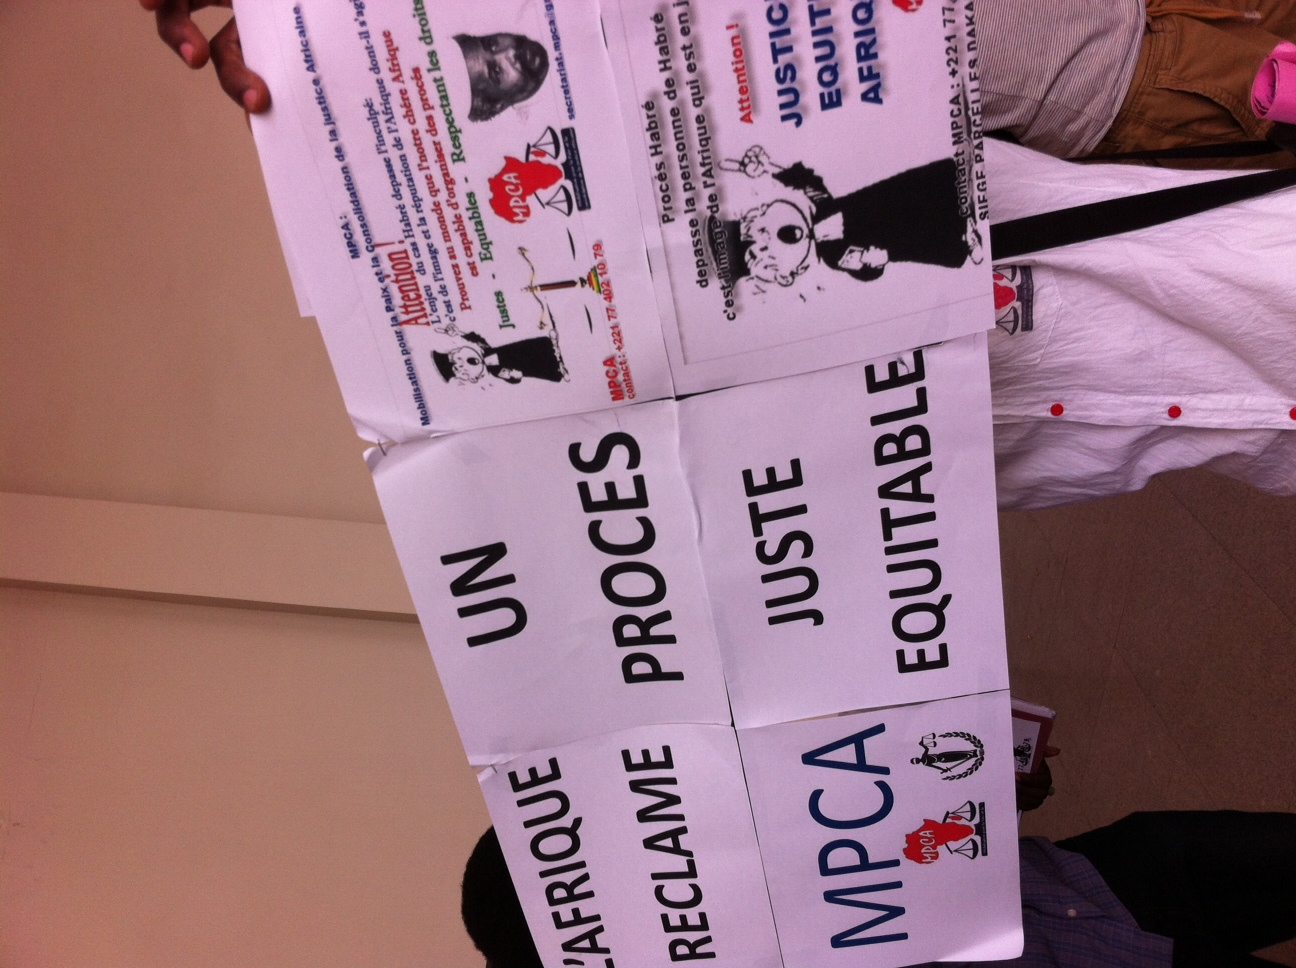 Refus de comparaître, attaques contre les CAE : Hissein Habré donne le ton de son procès